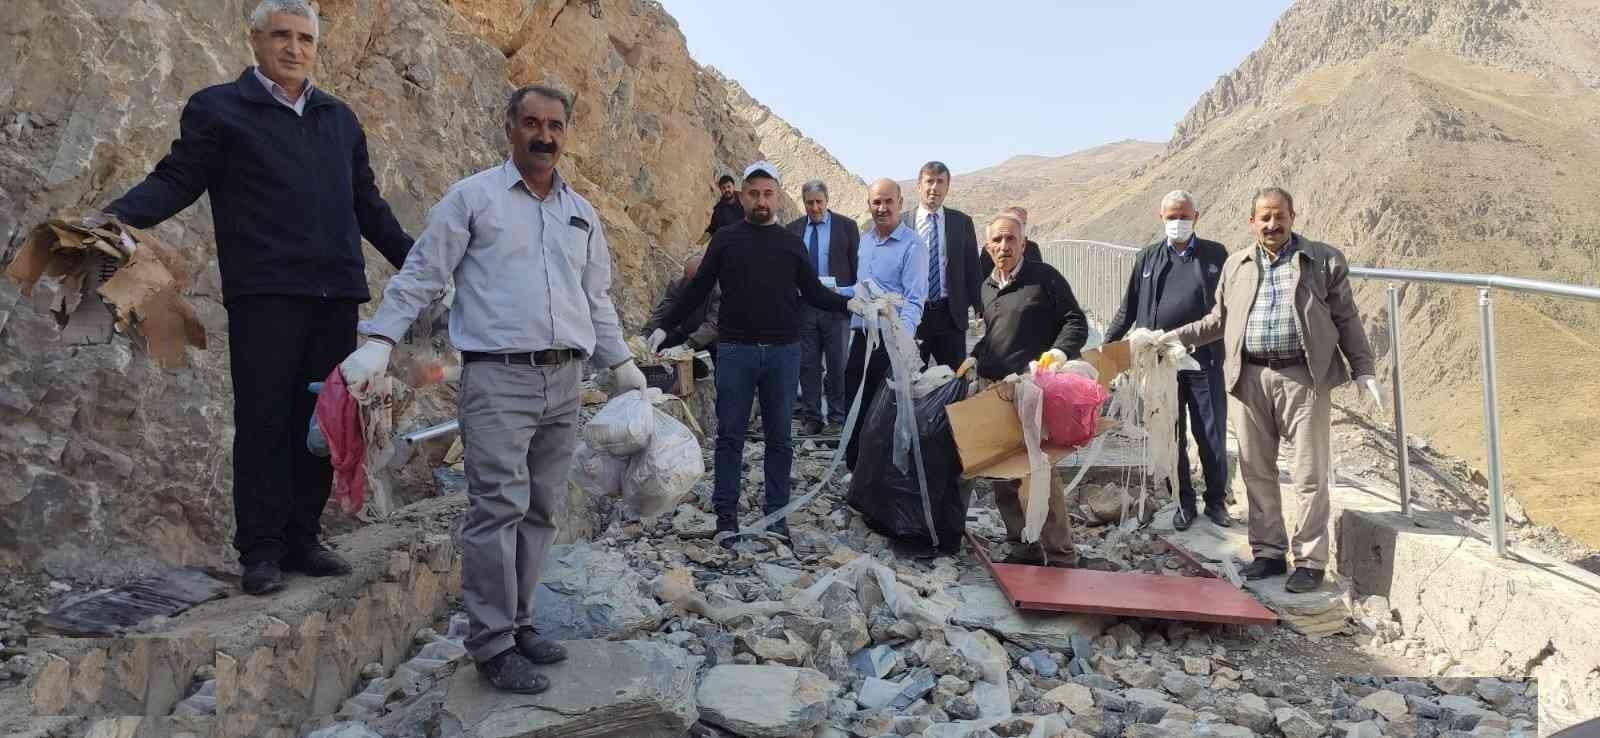 Hakkari-Van karayolu çöplerden temizlendi #hakkari